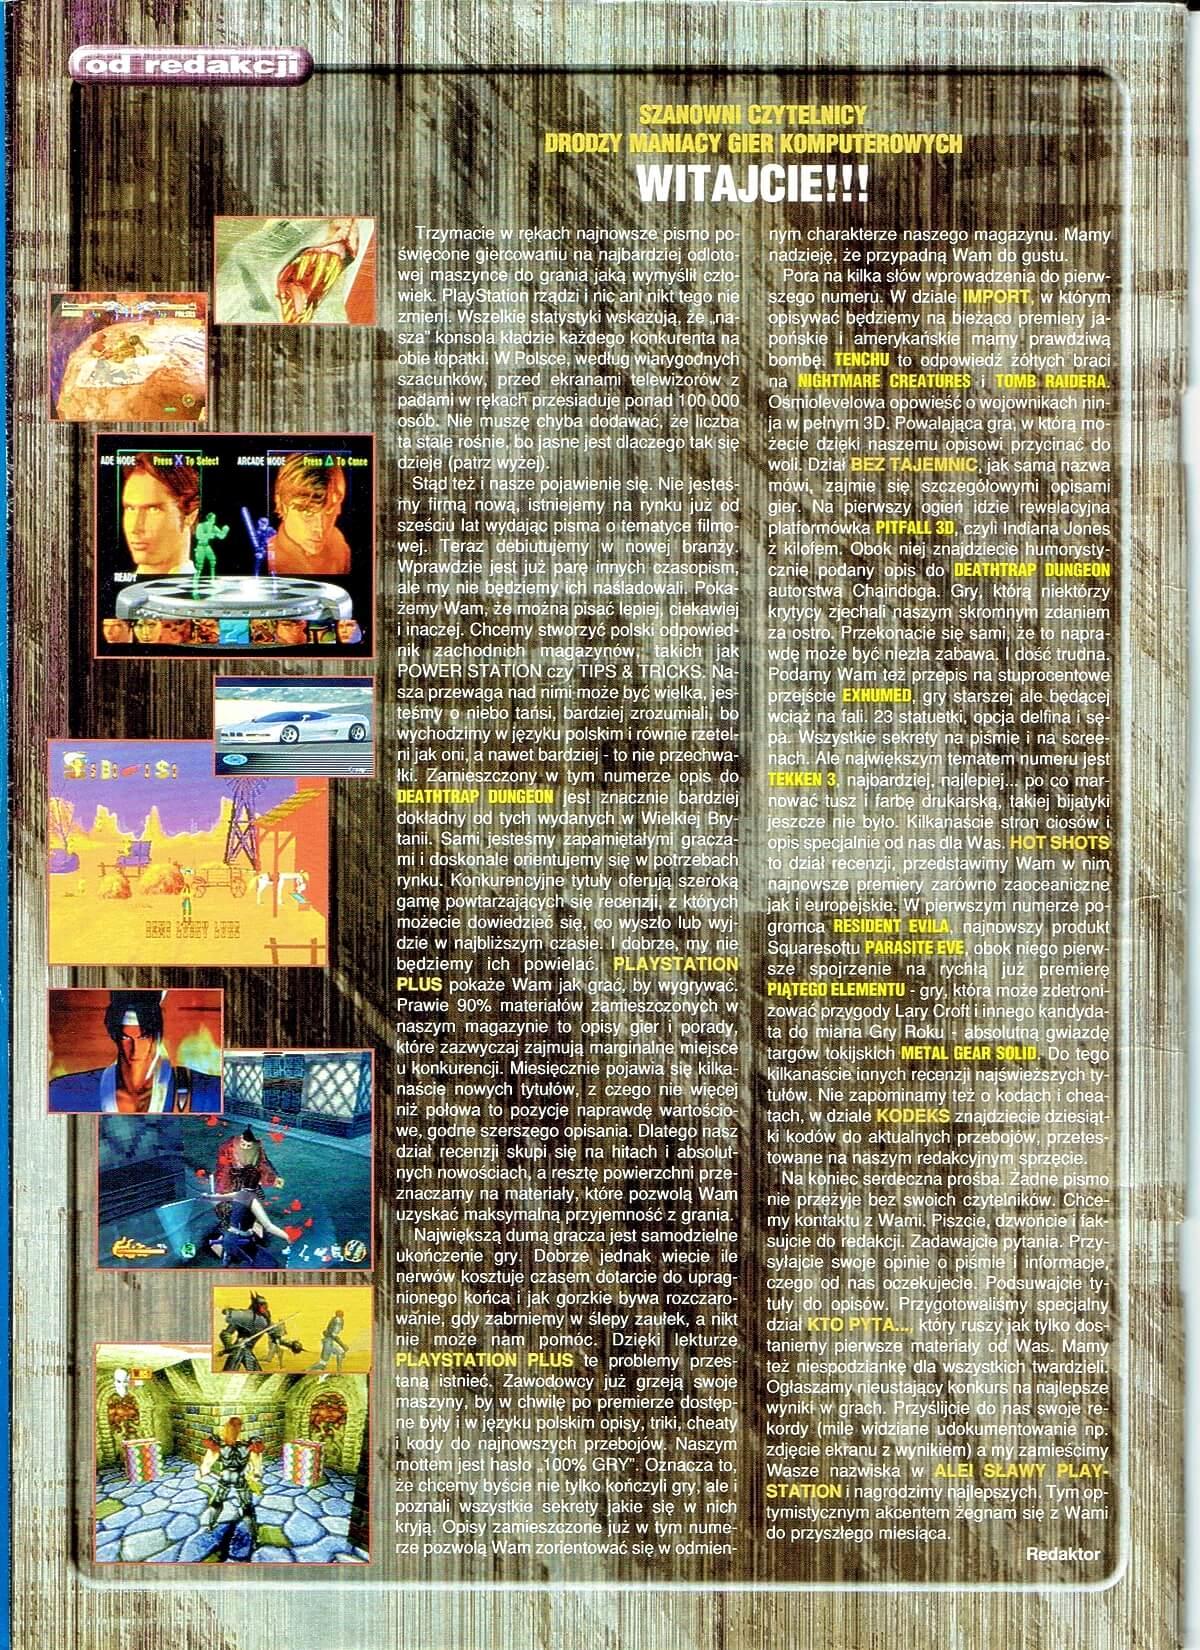 playstation plus magazyn 02 - PlayStation Plus 1/98